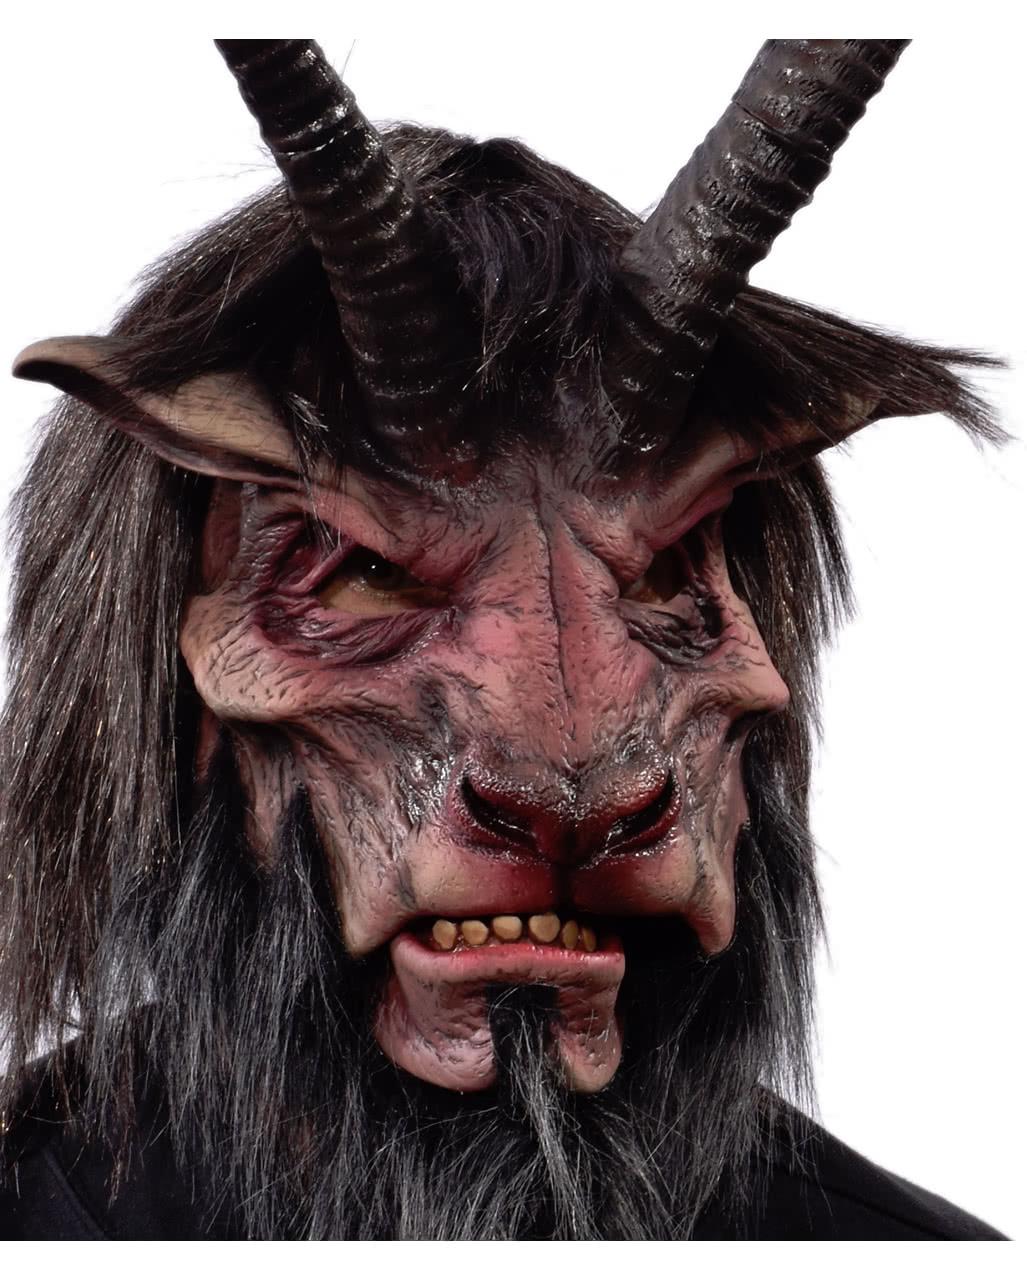 Krampus costume for sale - Horned Krampus Mask With Artificial Fur Horned Krampus Mask With Artificial Fur